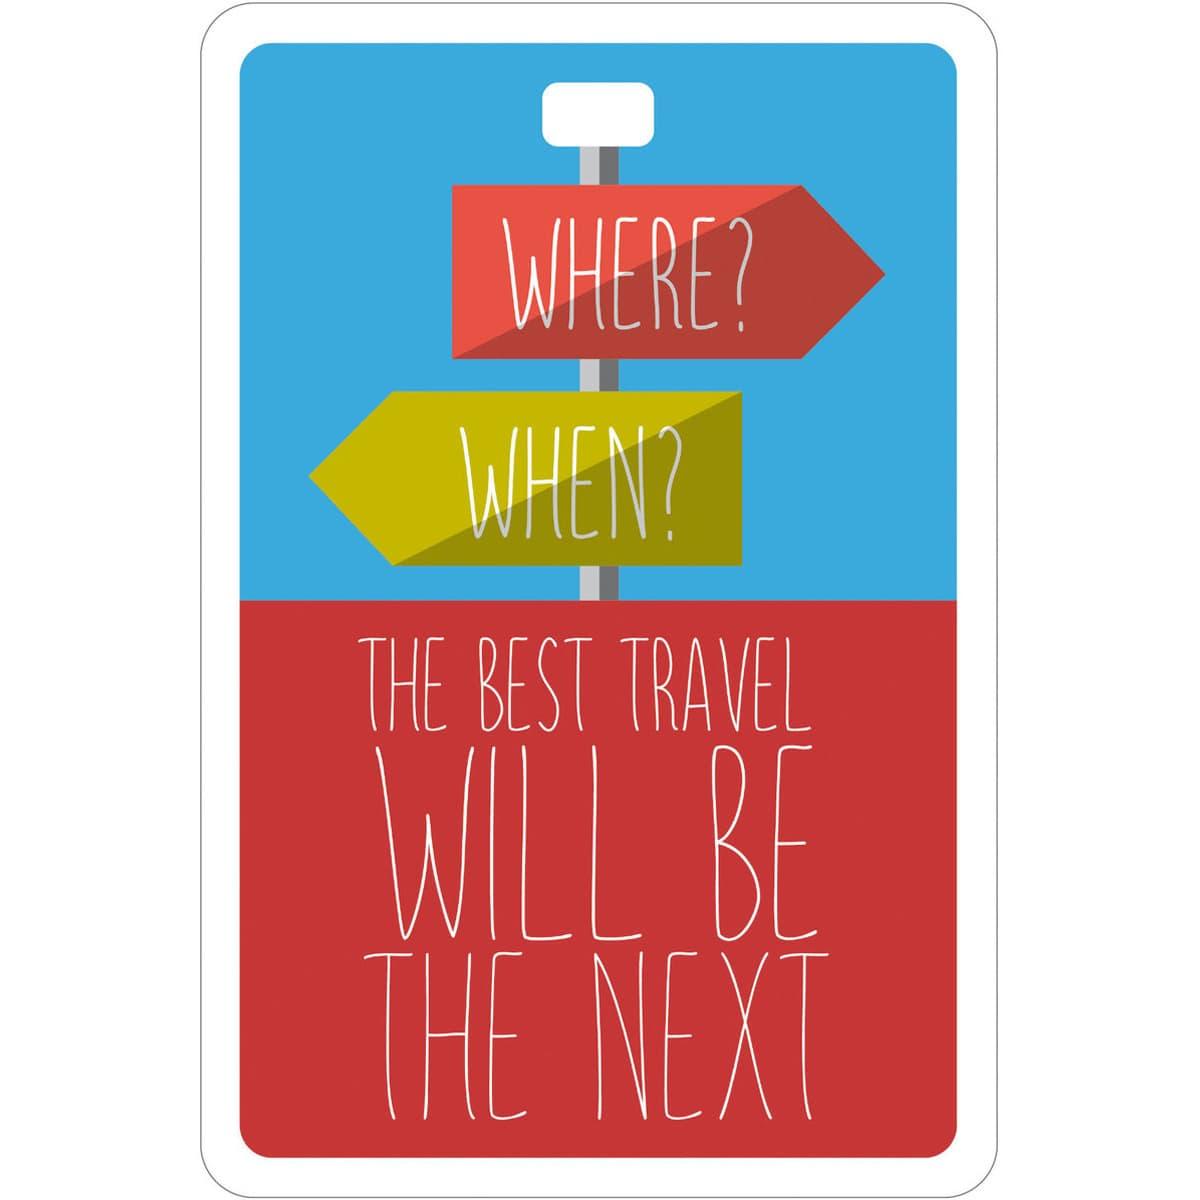 Etichetta bagaglio #MYTAG